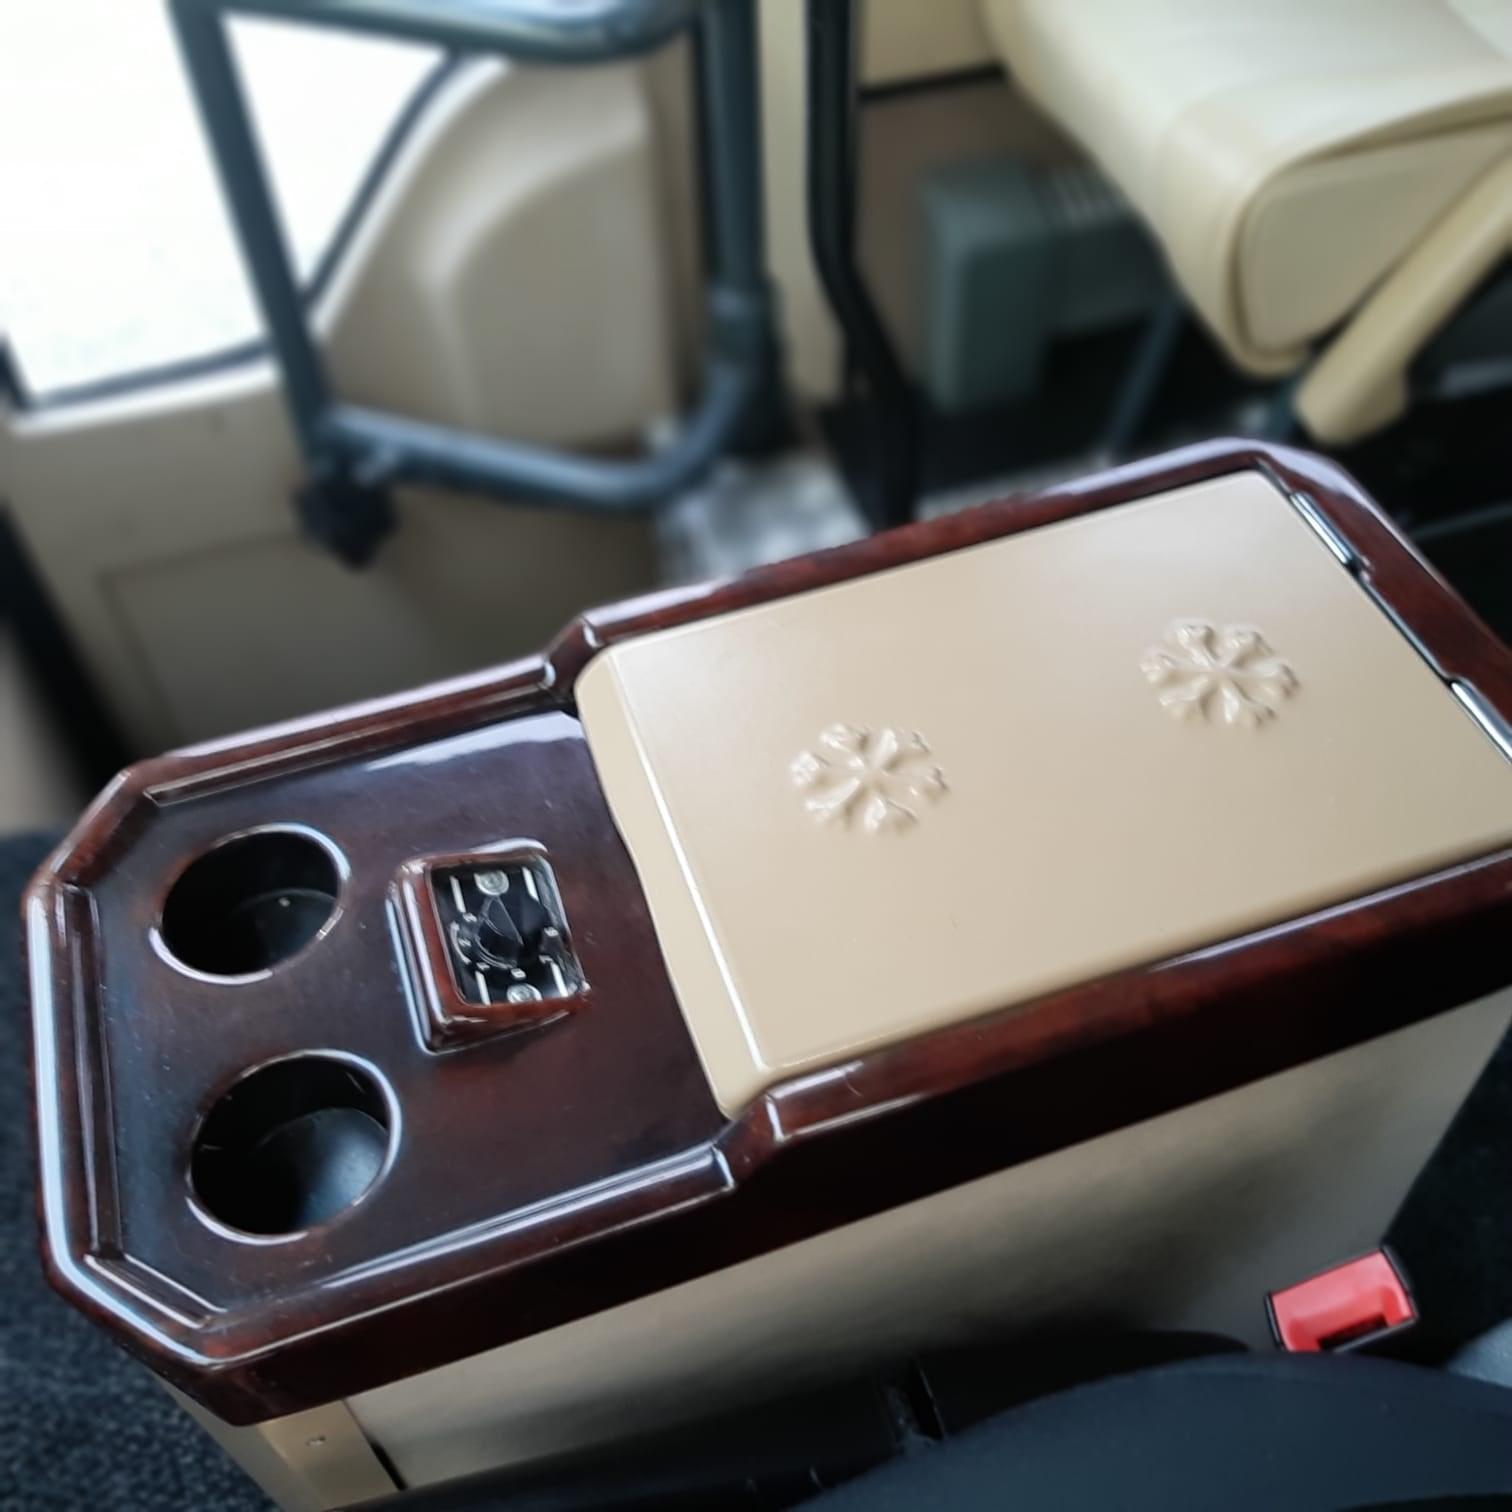 Mercedes-Benz 518 CDI